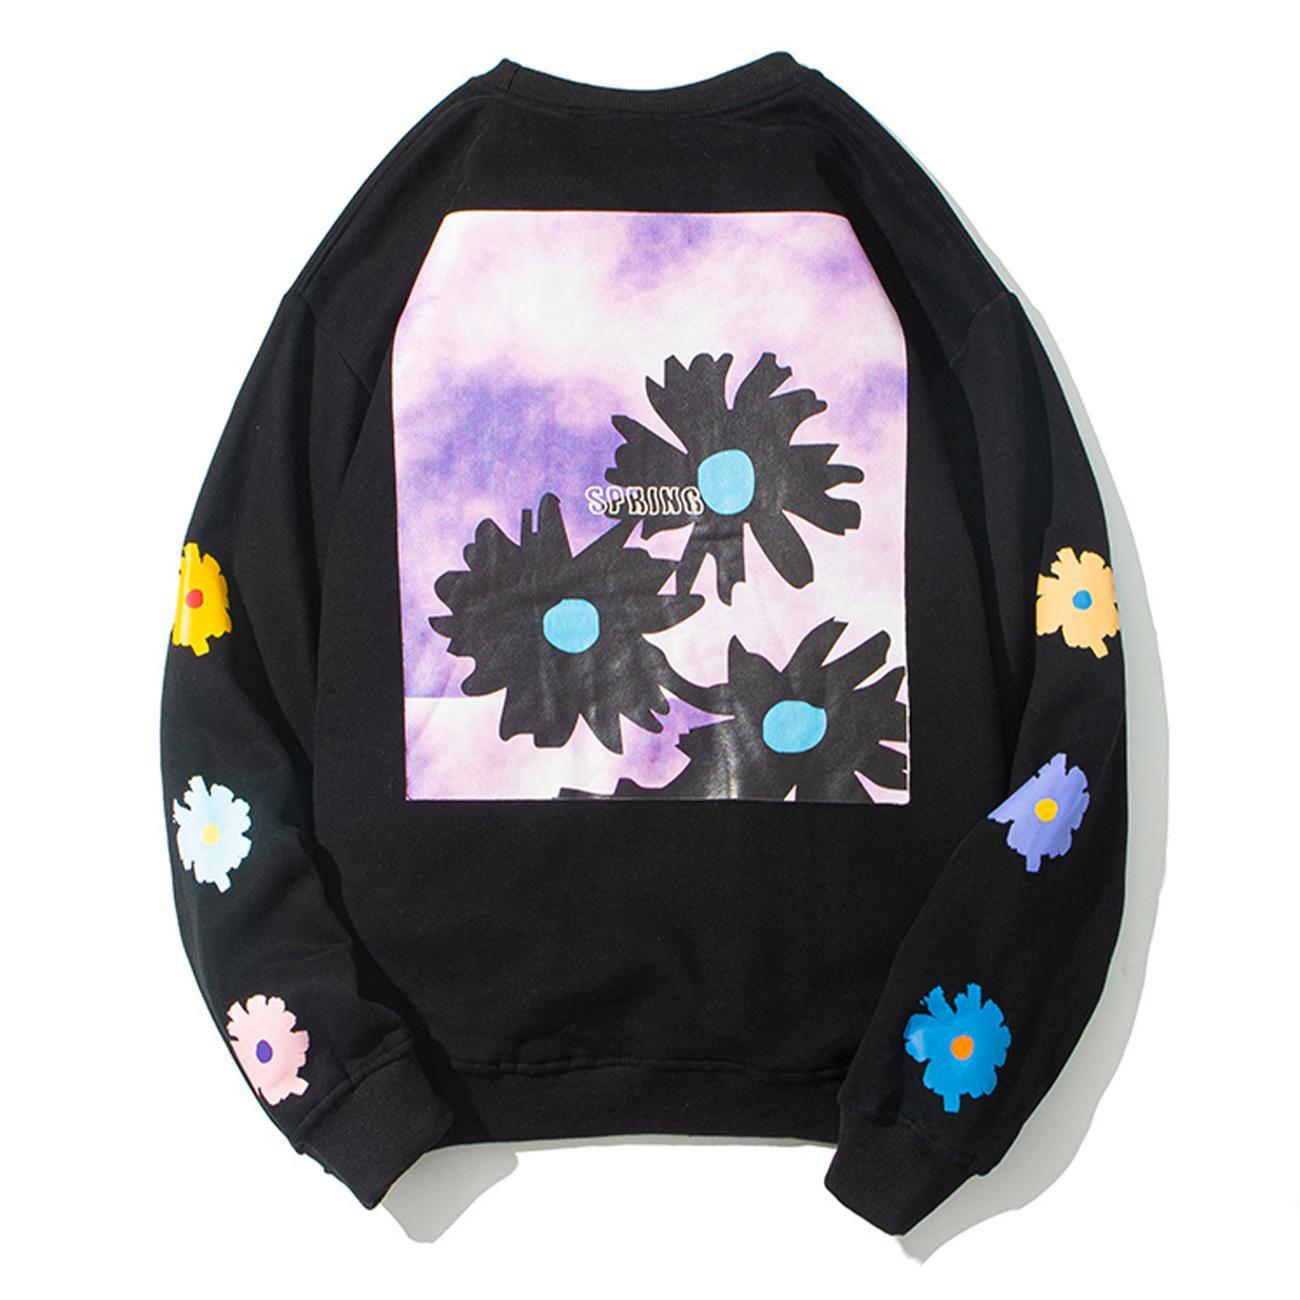 2021 новый хип-хоп уличная одежда ромашка цветы печать хараджуку толстовки зимние пуловерные топы мужчины хлопок флис черный NGCP